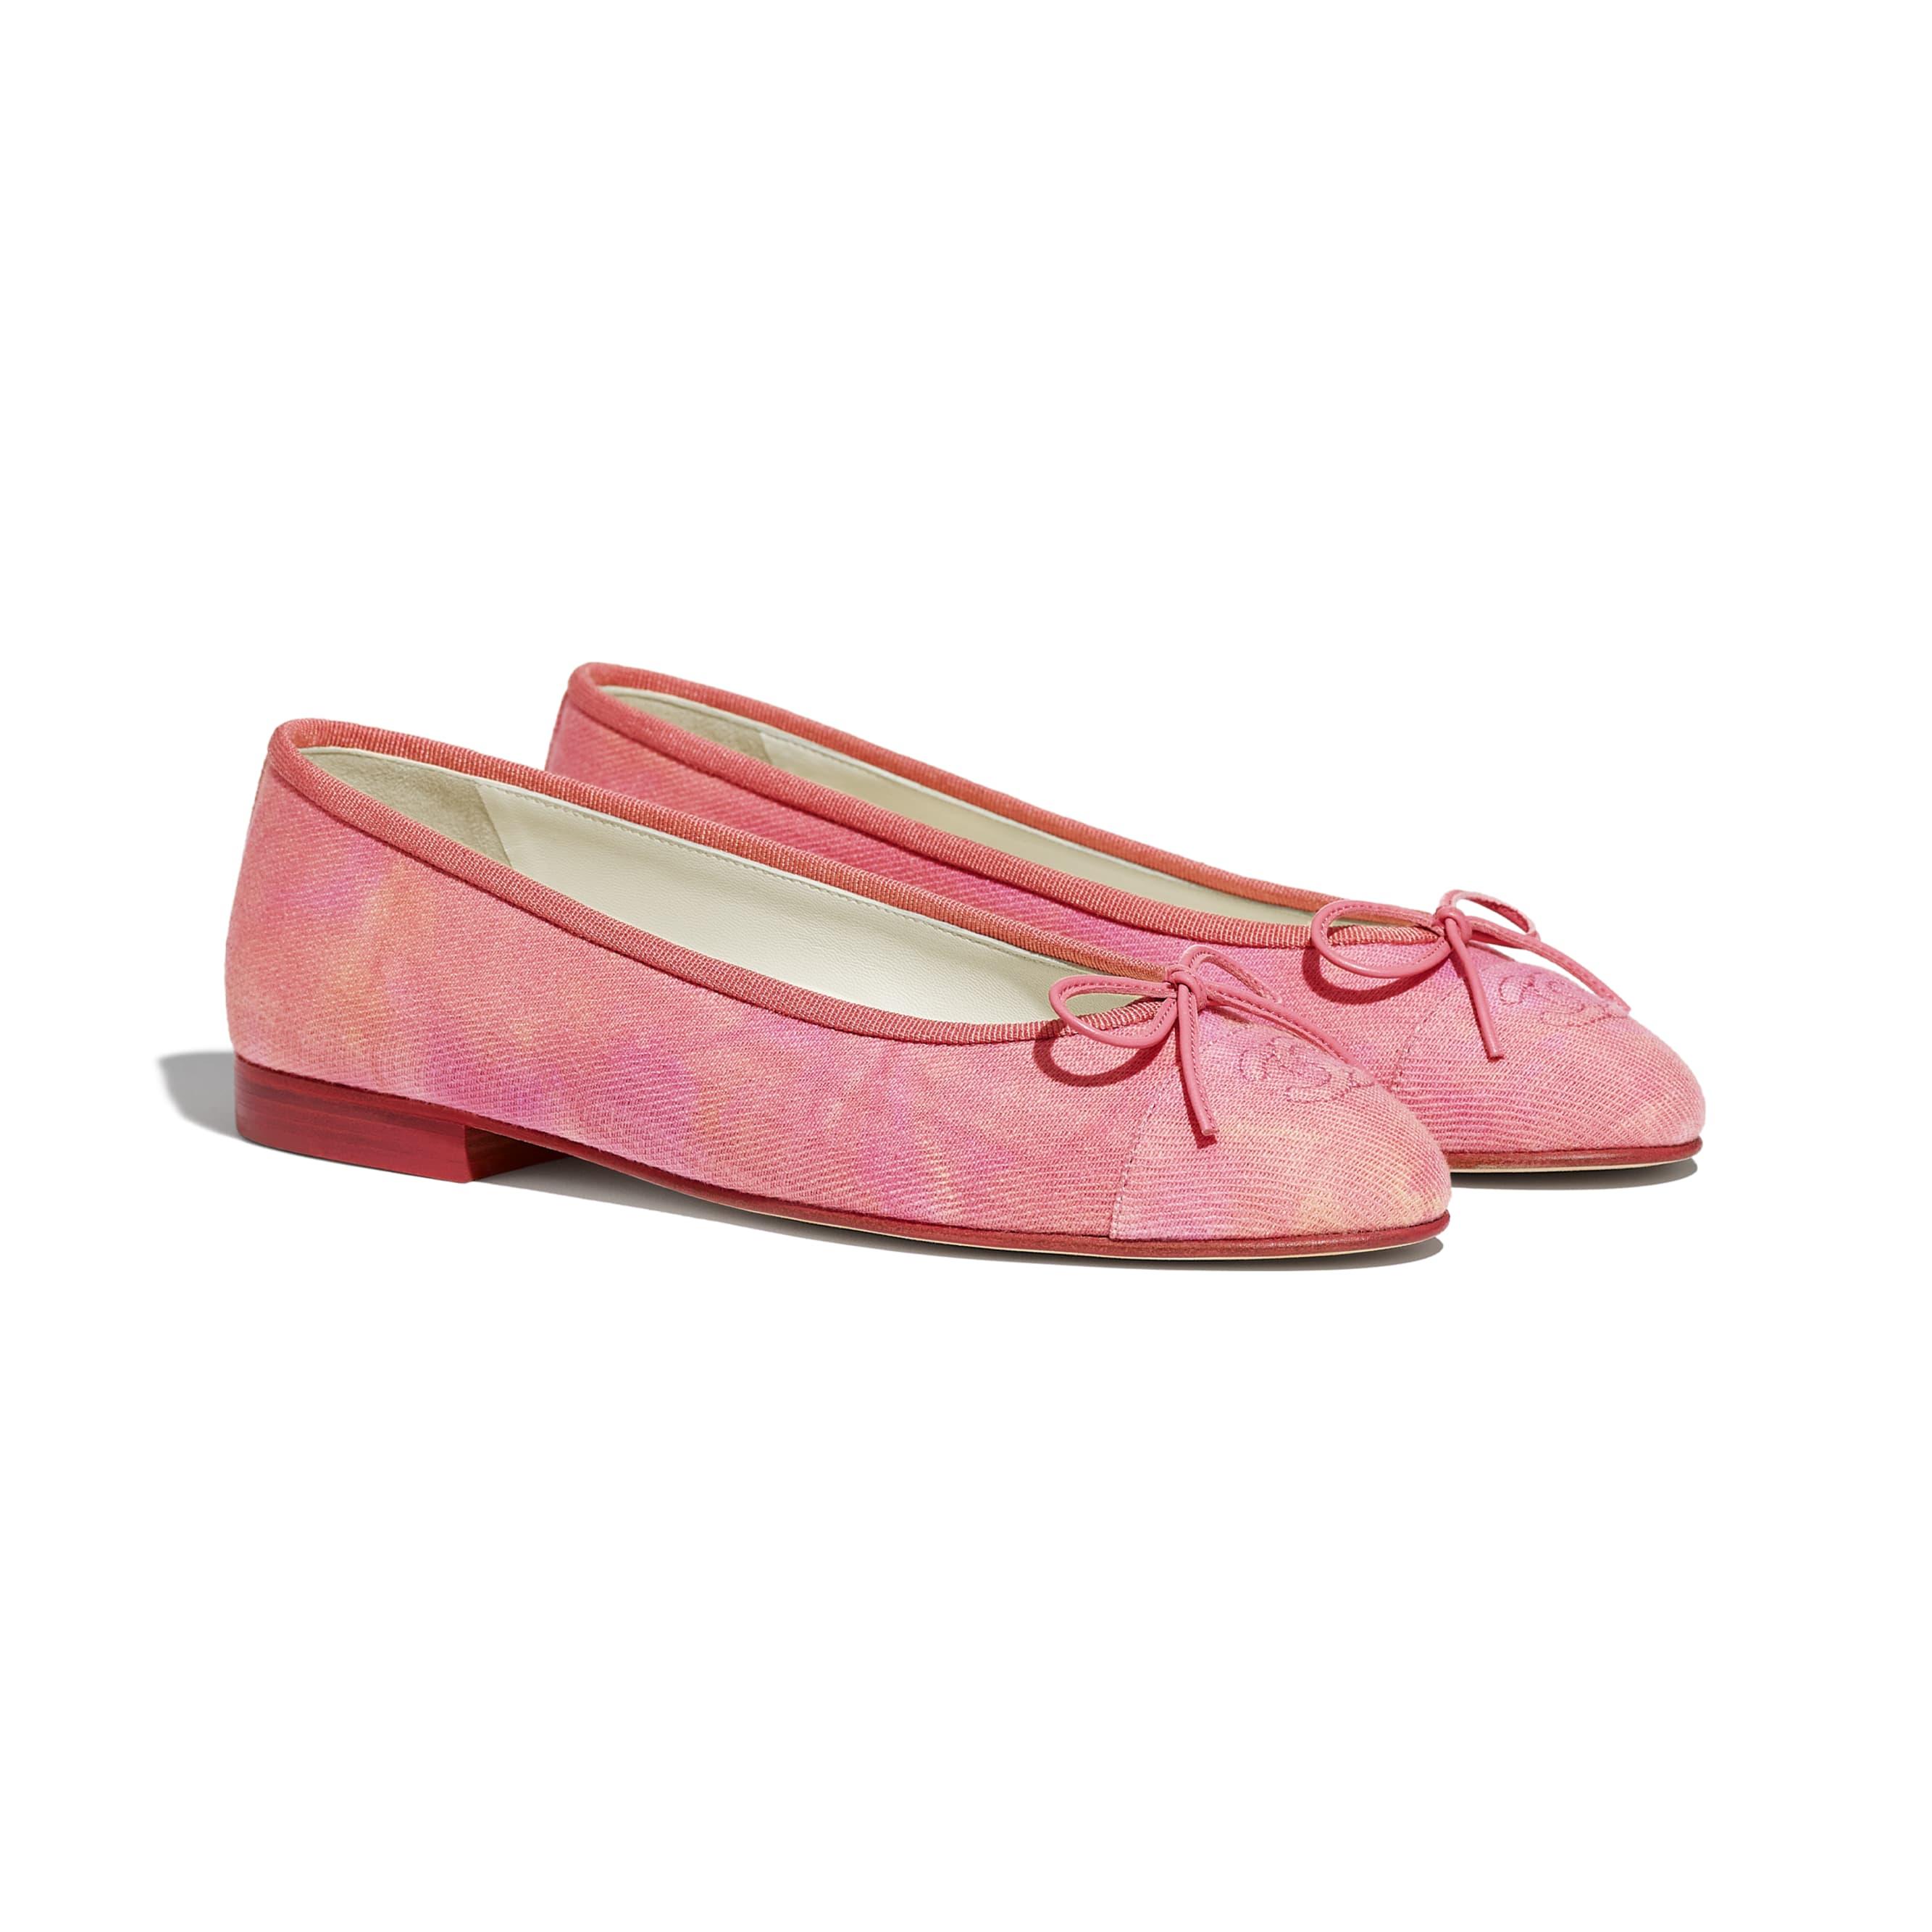 Ballerine - Corallo, rosa & arancione - Tessuto - CHANEL - Immagine diversa - vedere versione standard